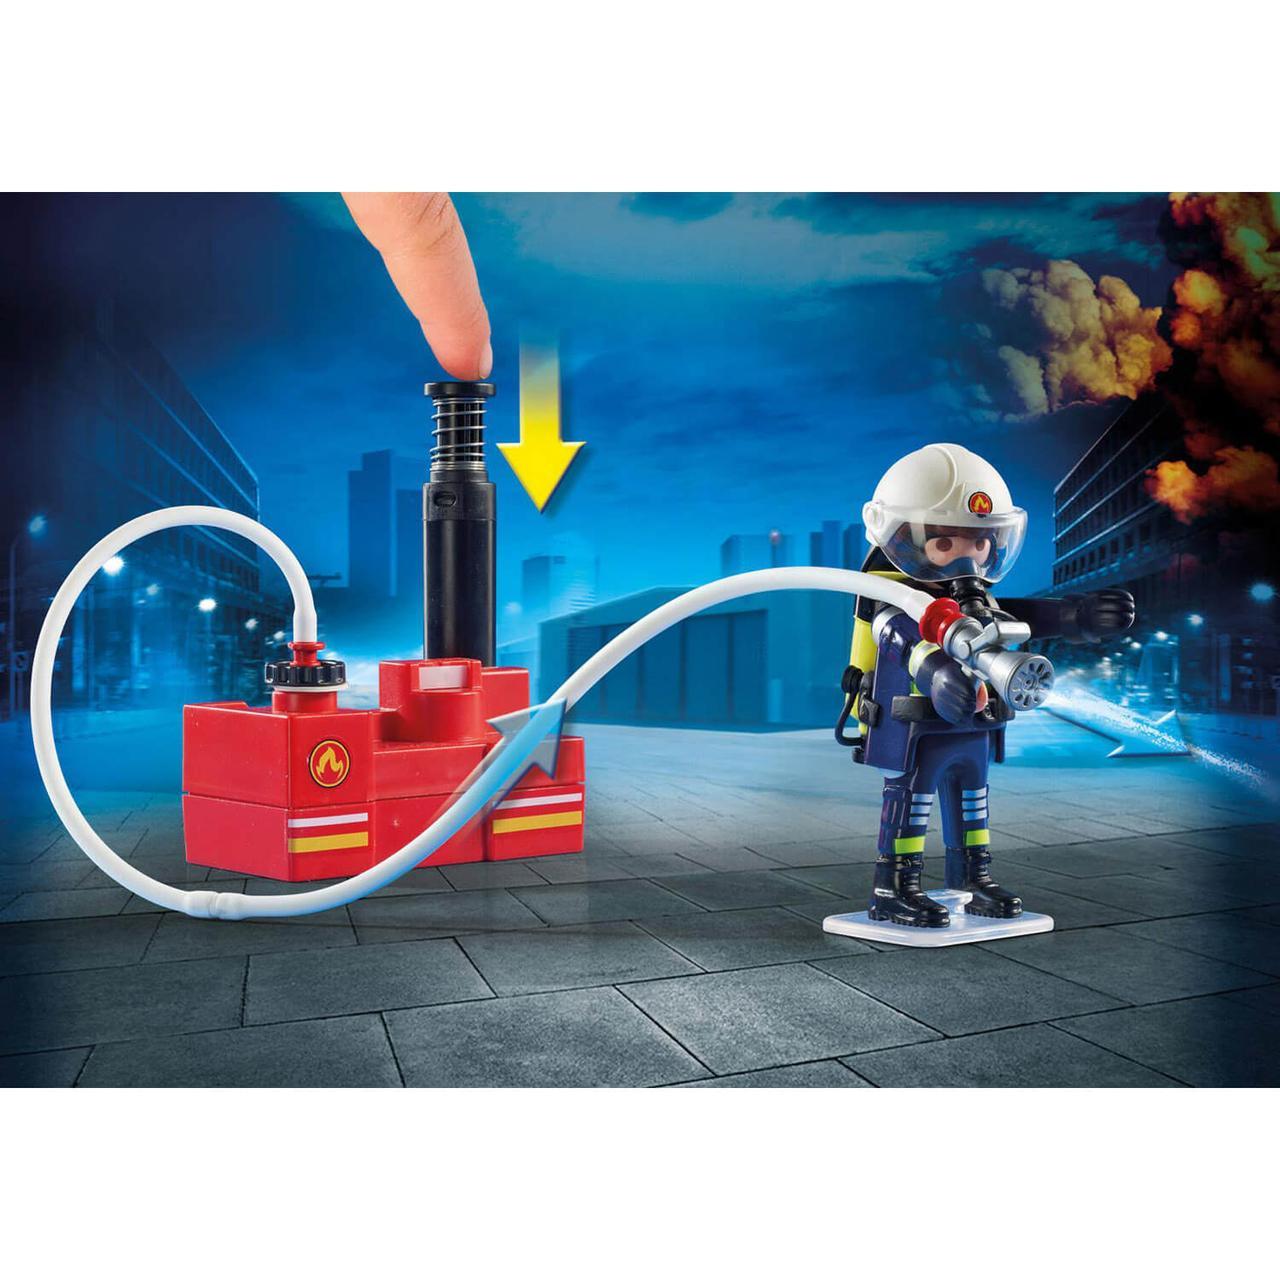 Конструктор Playmobil Пожарная служба: Пожарные с водяным насосом 9468 - фото 2